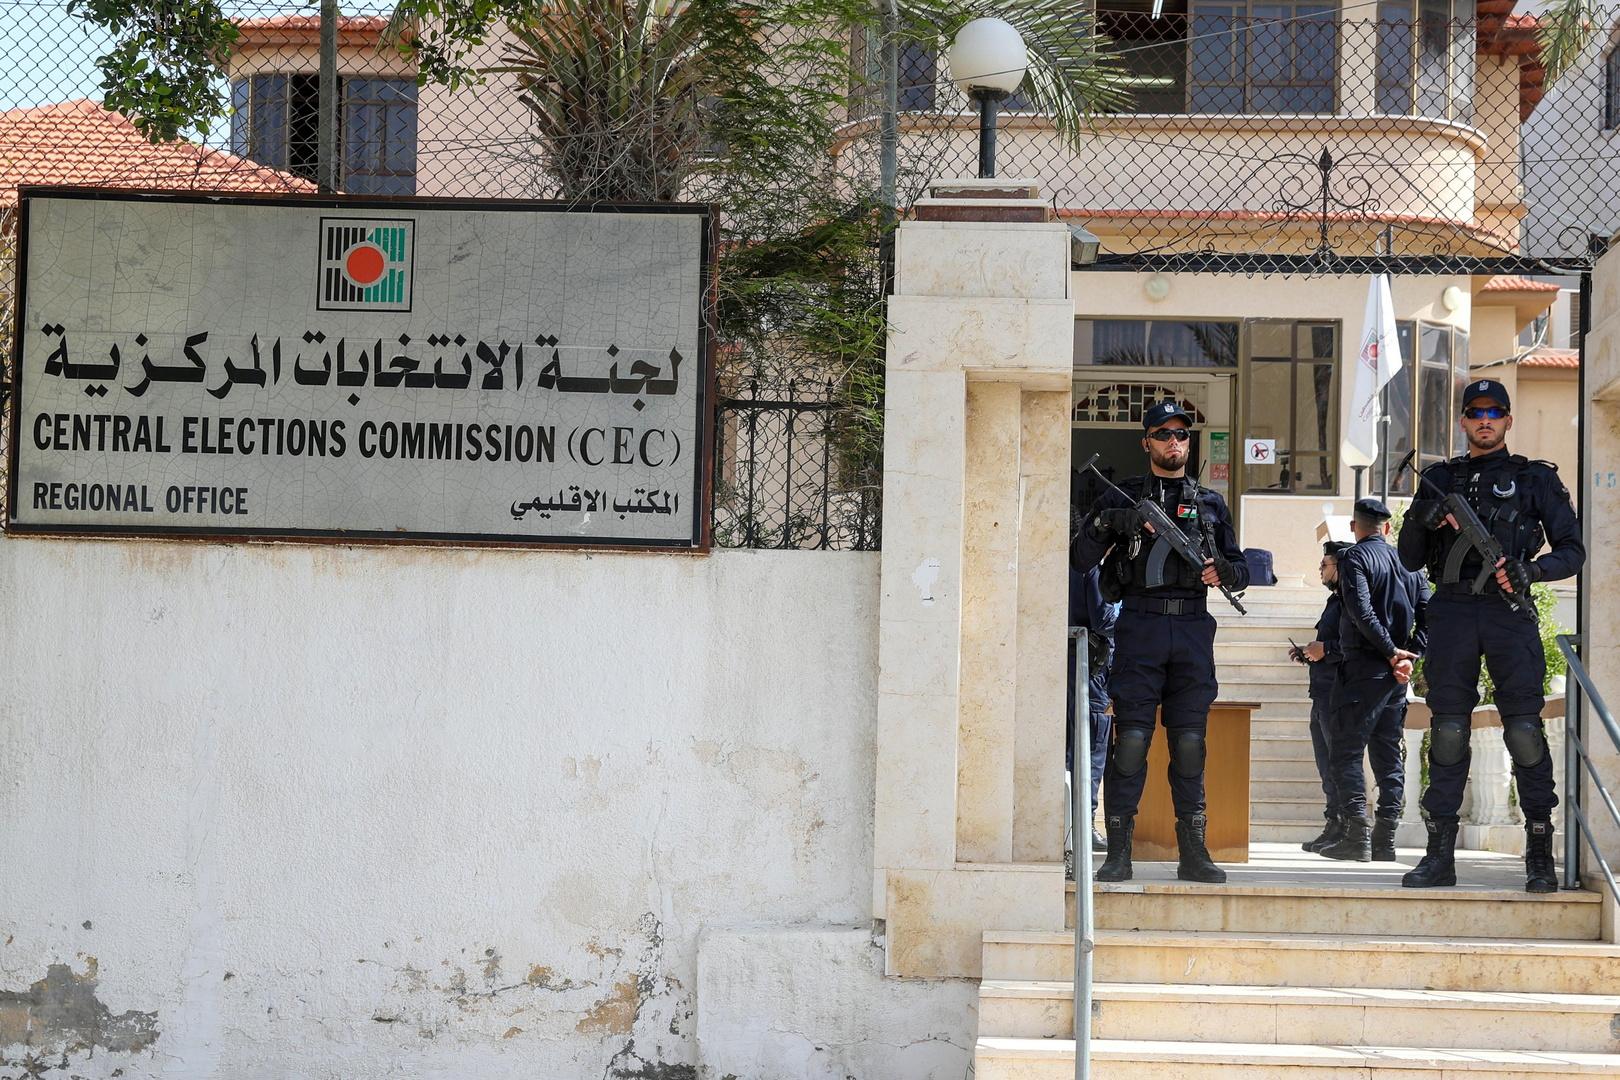 إسرائيل تهدد بوقف التنسيق الأمني مع الفلسطينيين في حال فوز